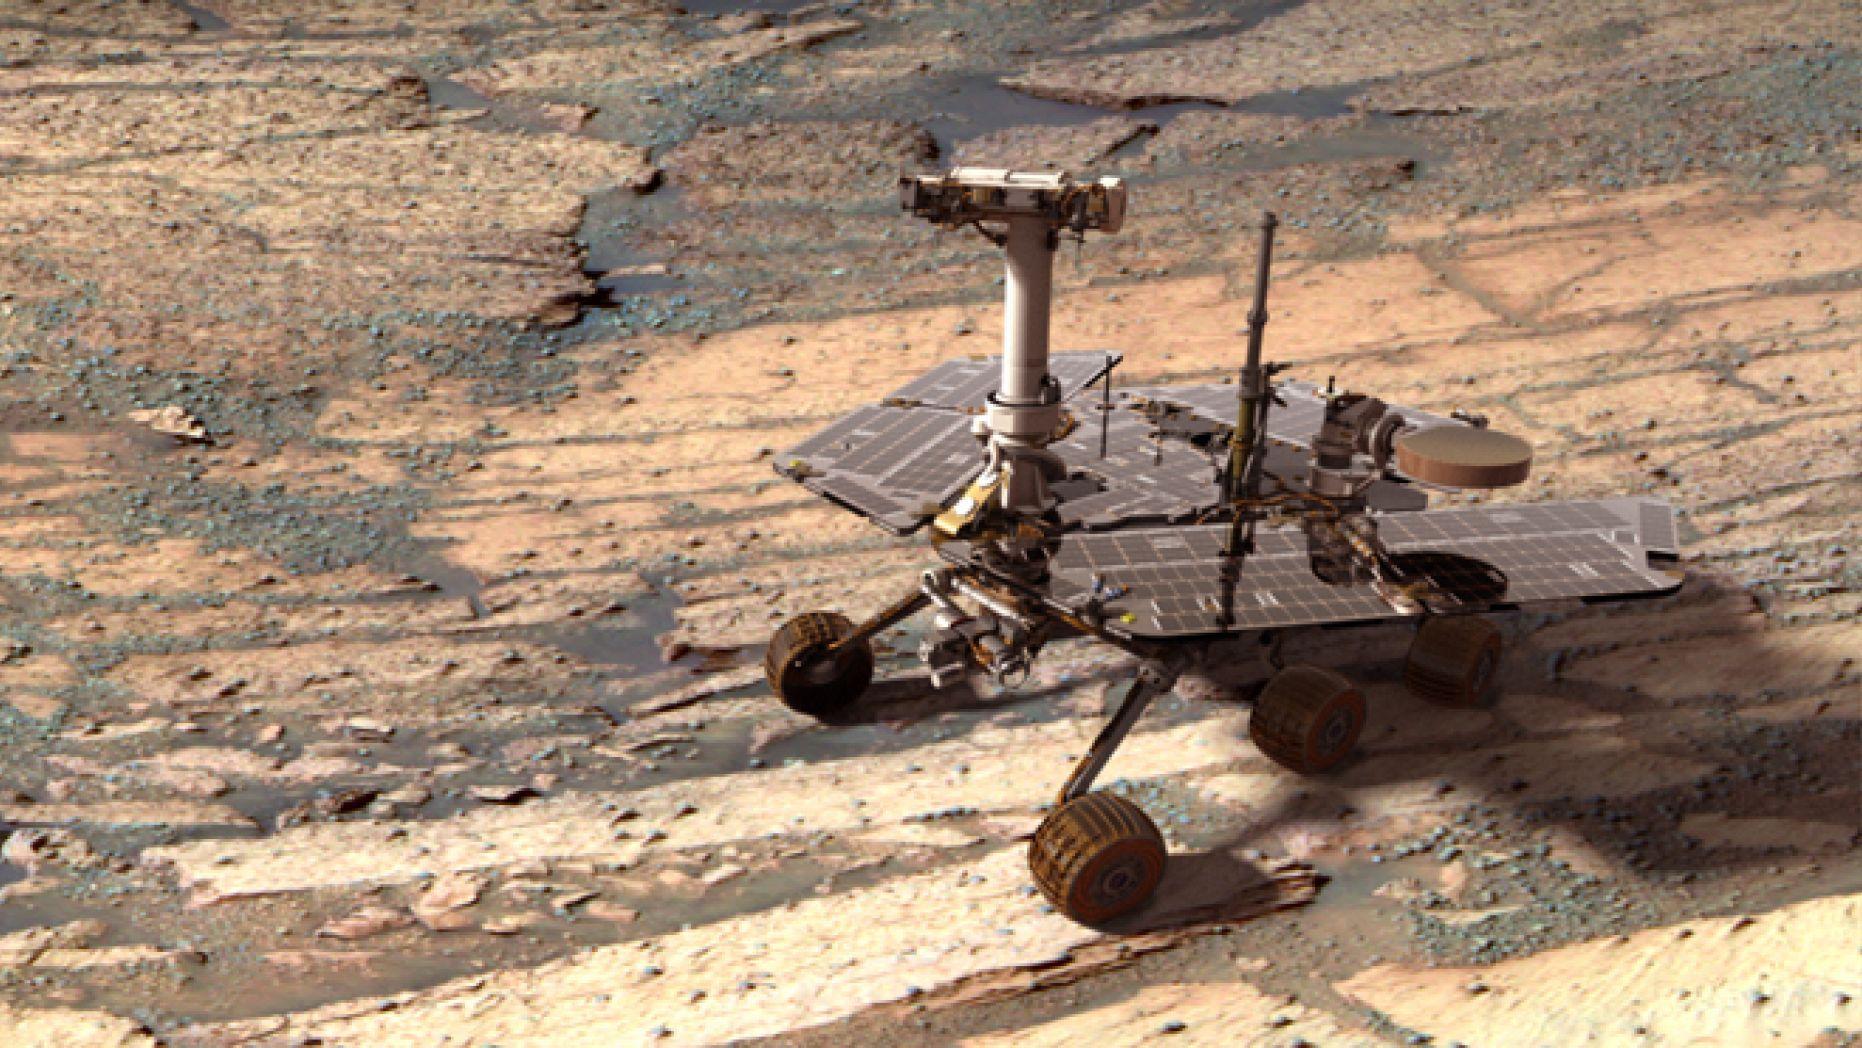 Últimas Noticias del Rover de la Nasa Opportunity